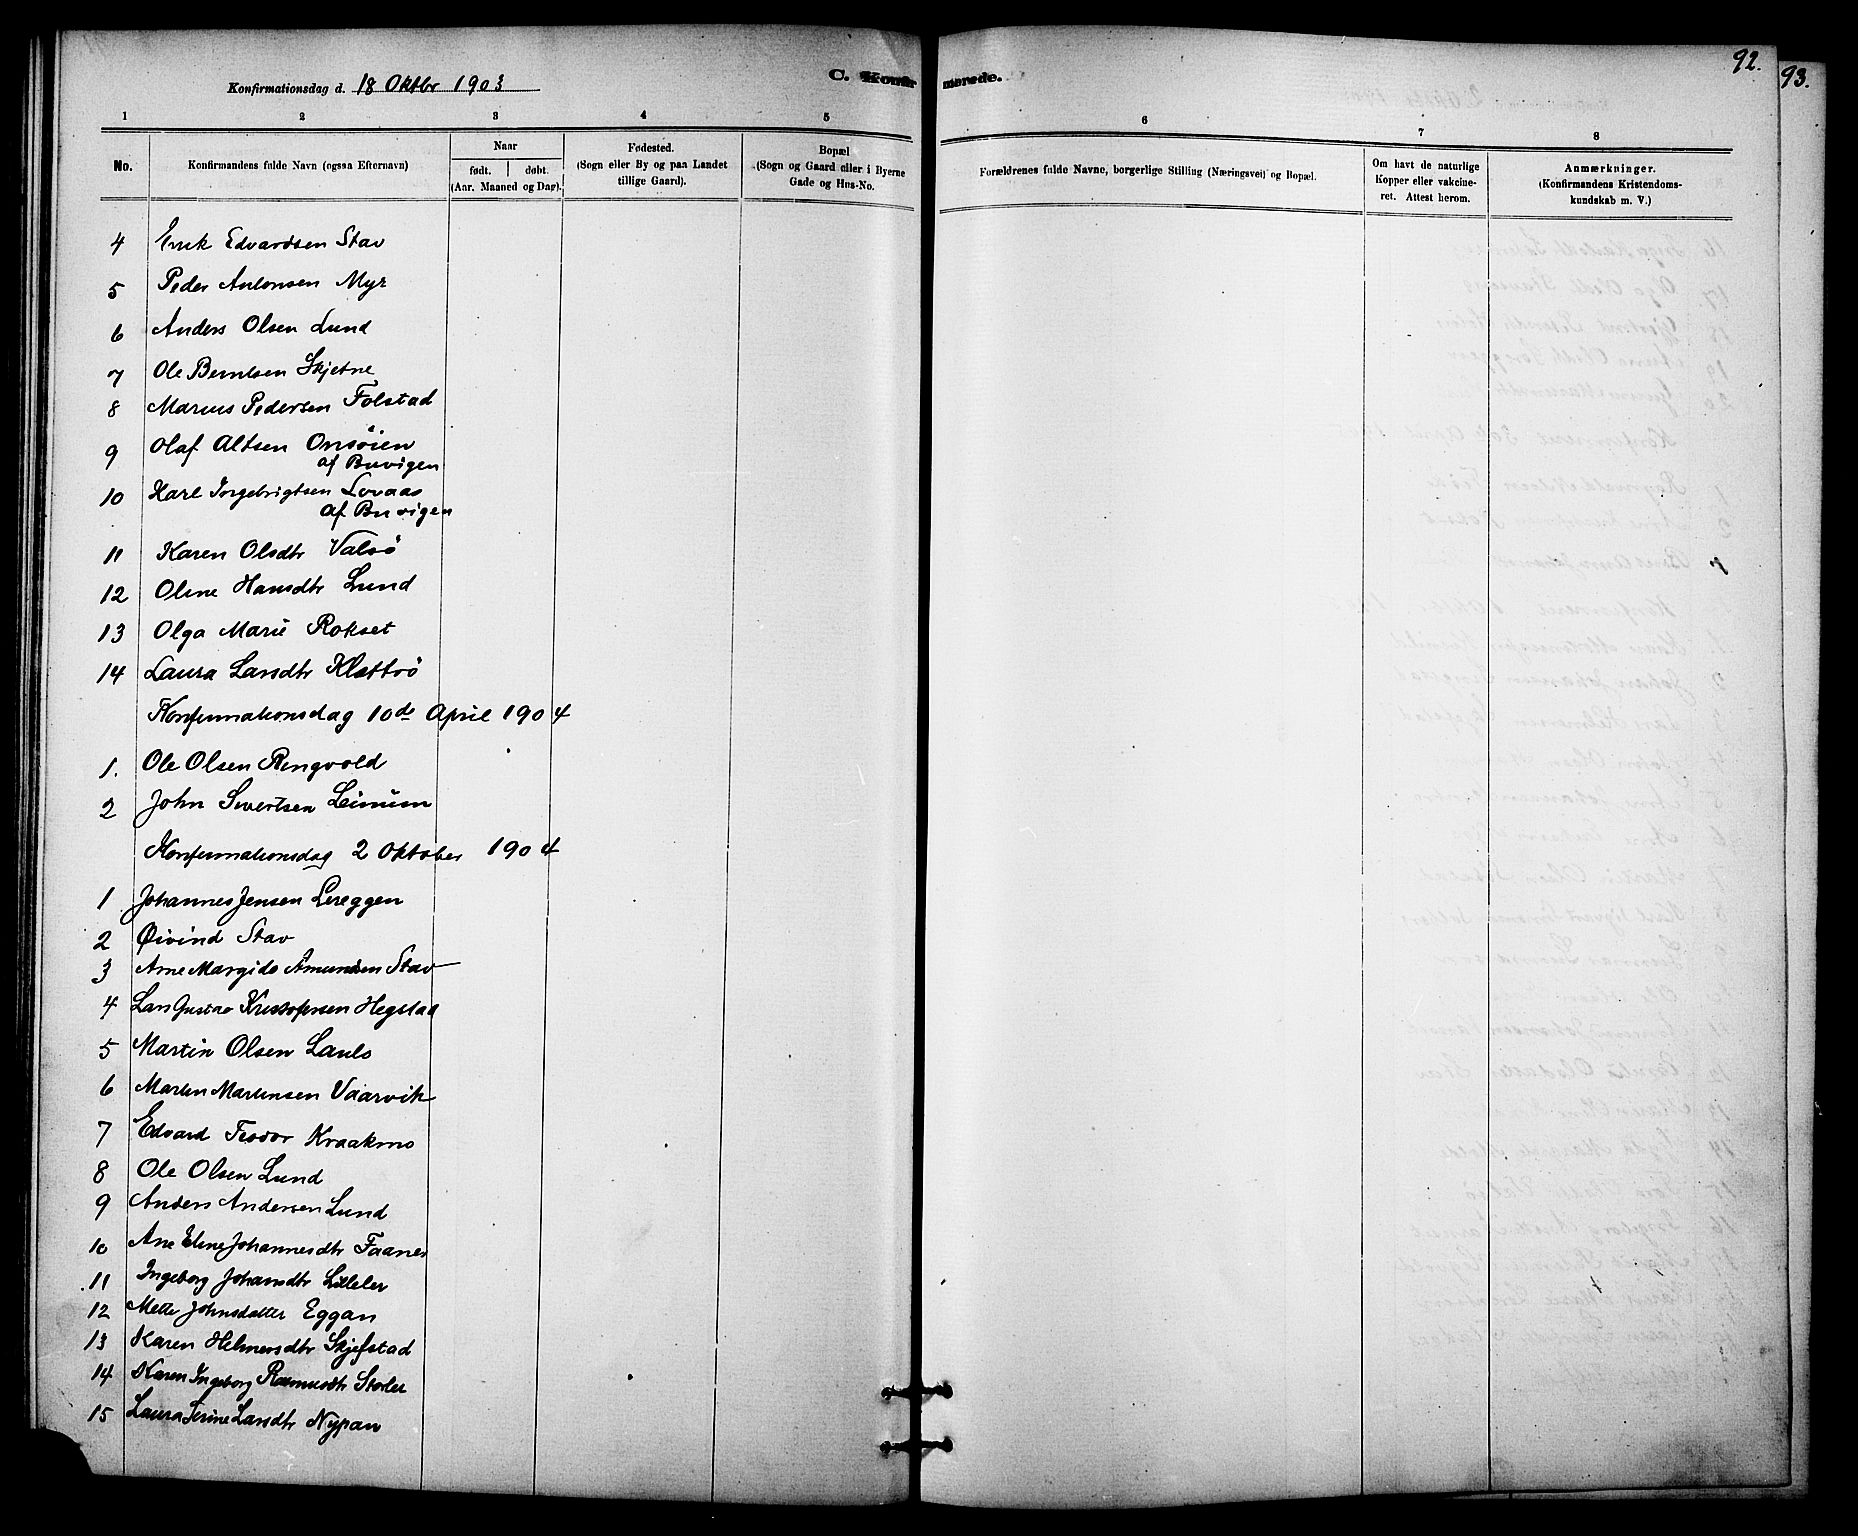 SAT, Ministerialprotokoller, klokkerbøker og fødselsregistre - Sør-Trøndelag, 613/L0395: Klokkerbok nr. 613C03, 1887-1909, s. 92